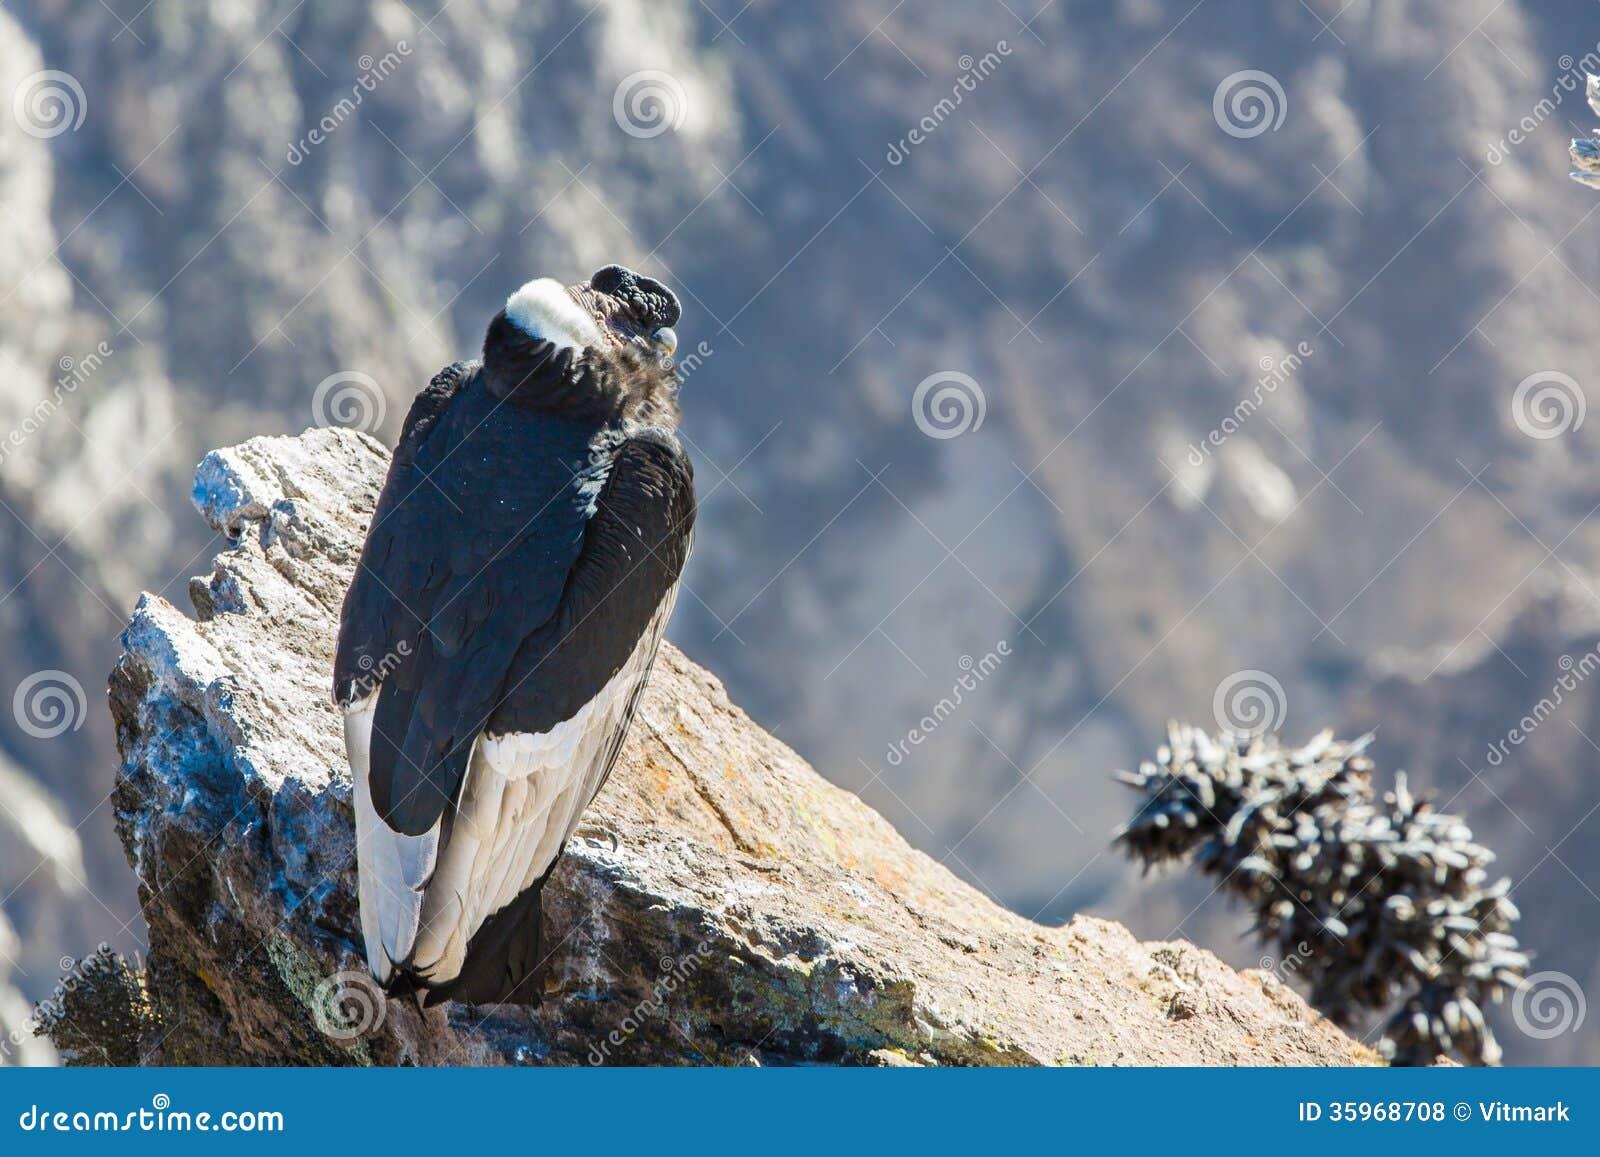 Cóndor en la sentada del barranco de Colca, Perú, Suramérica. Esto es un cóndor el pájaro de vuelo más grande